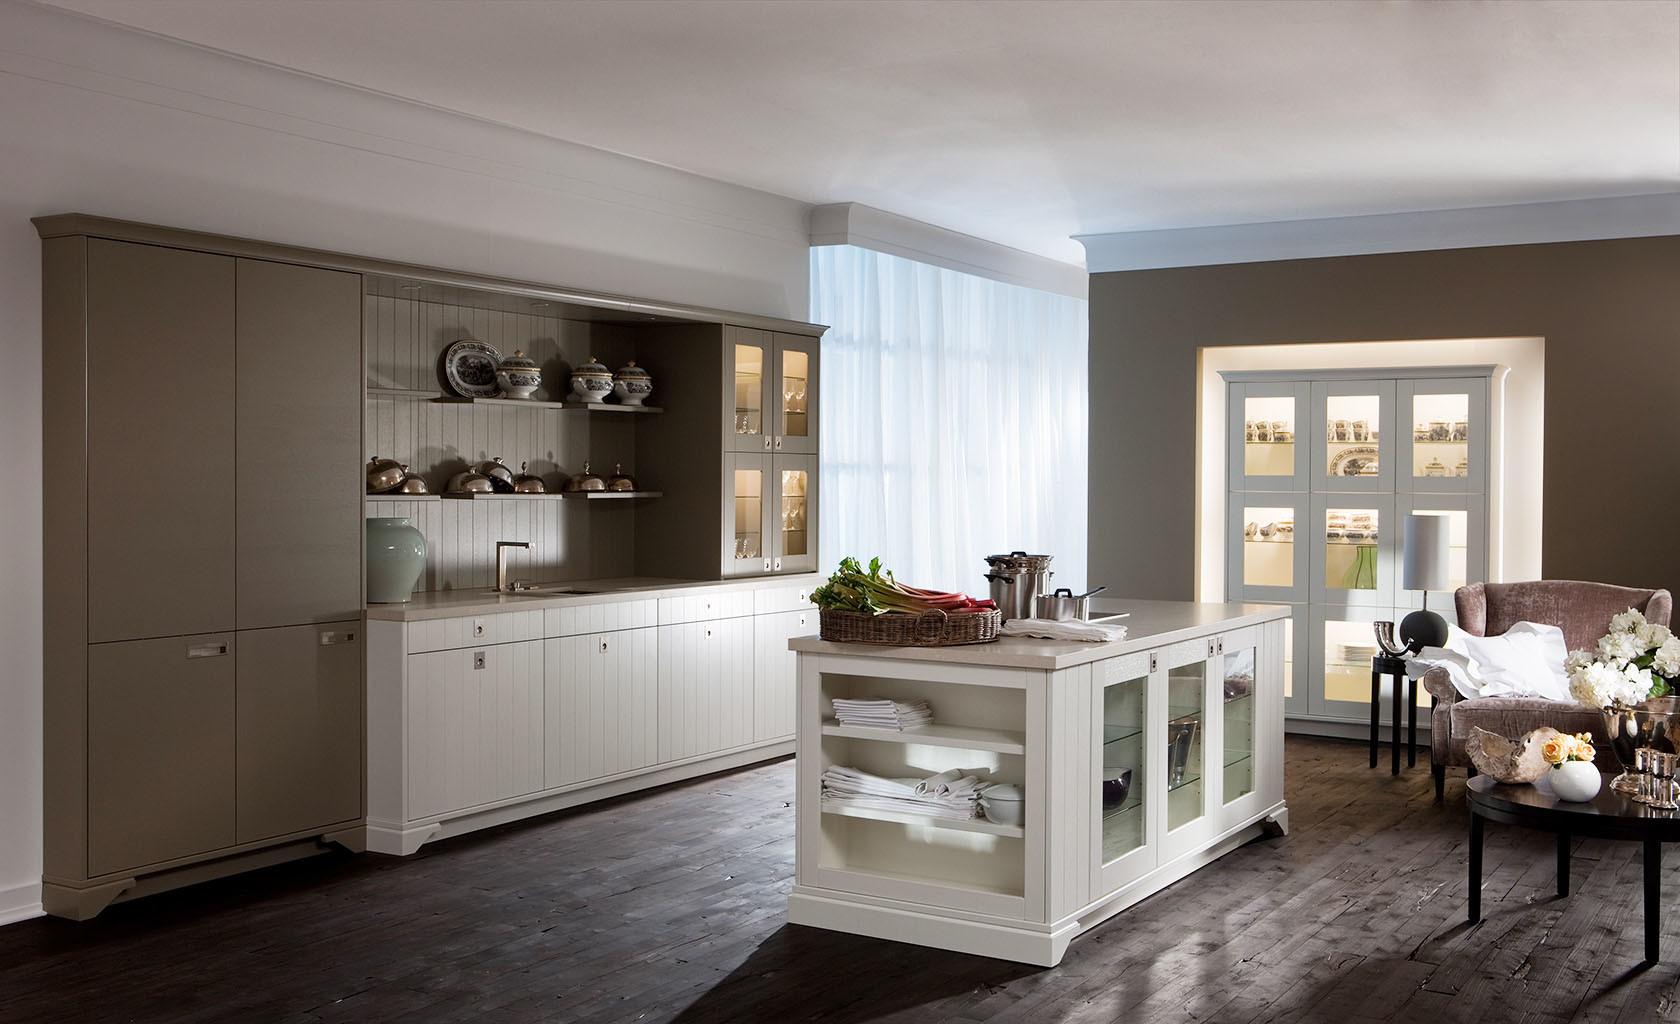 LEICHT Küchen bei Köln im Rheinland Einbauküchen-Spezialist Thiemann